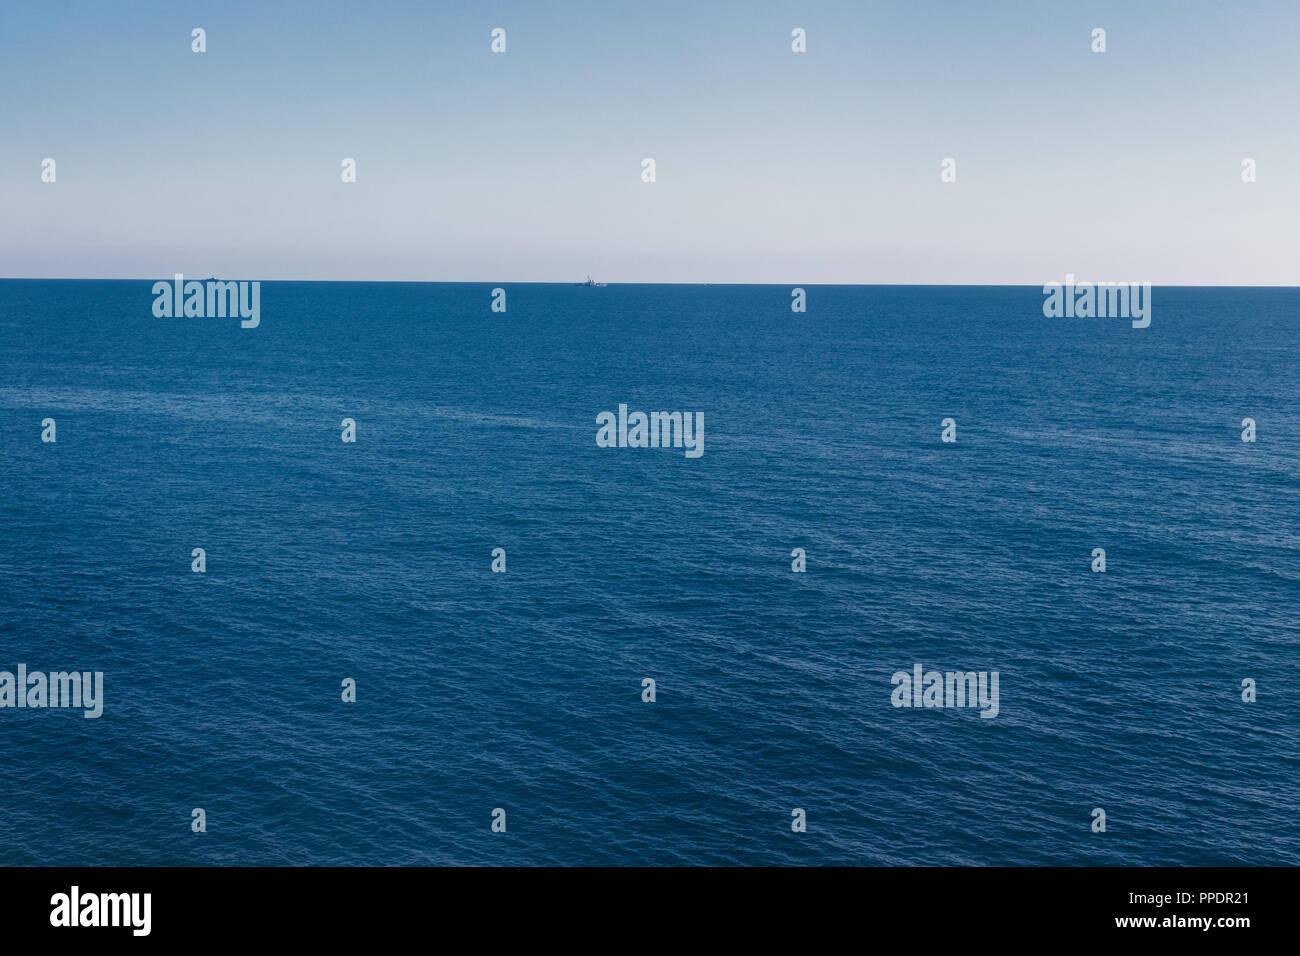 Il turquise mare con una spiaggia tropicale. Costa del mare in estate. Immagini Stock